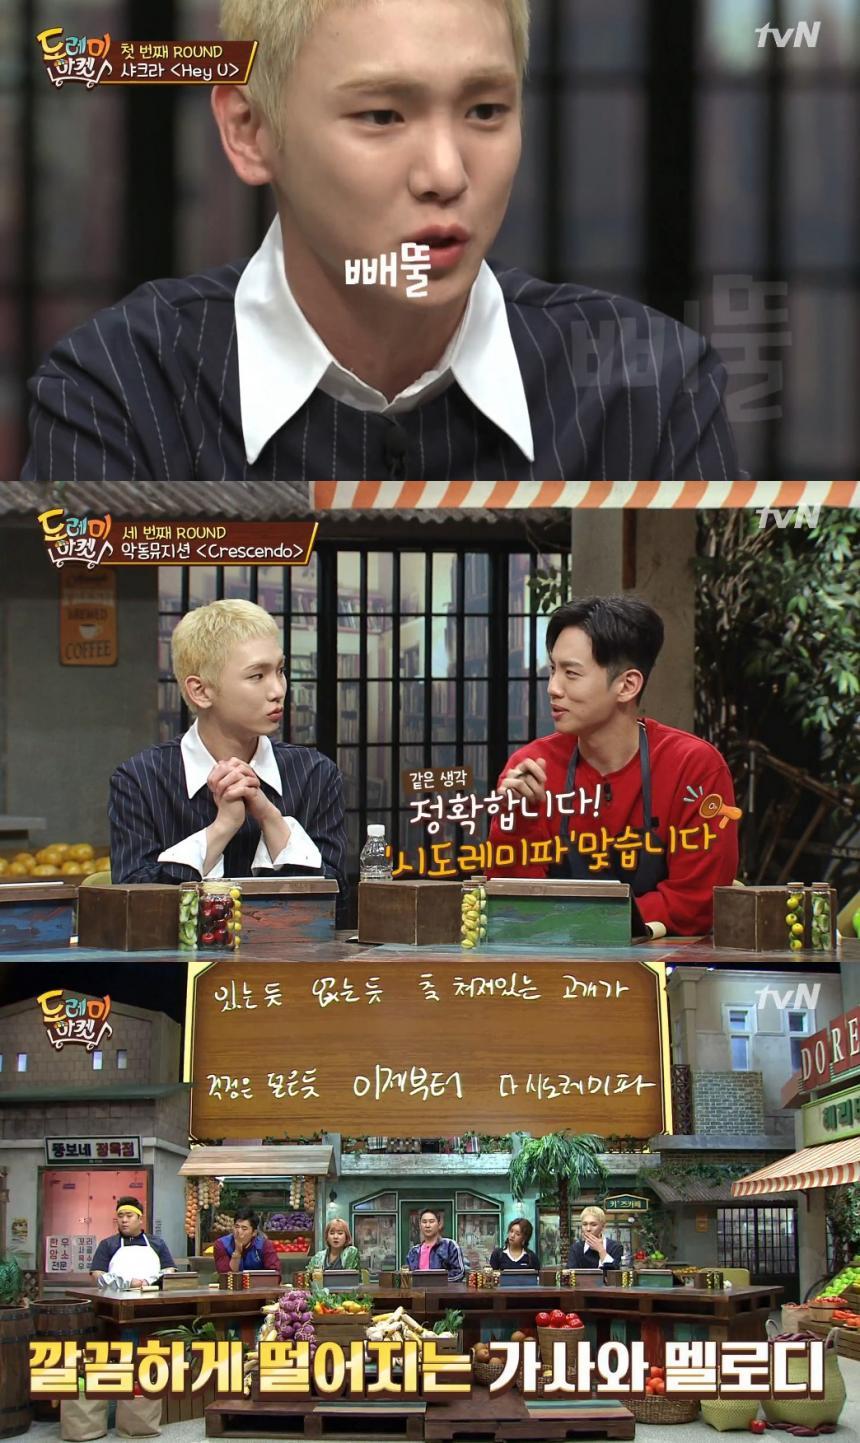 tvN '놀라운 토요일' 캡처